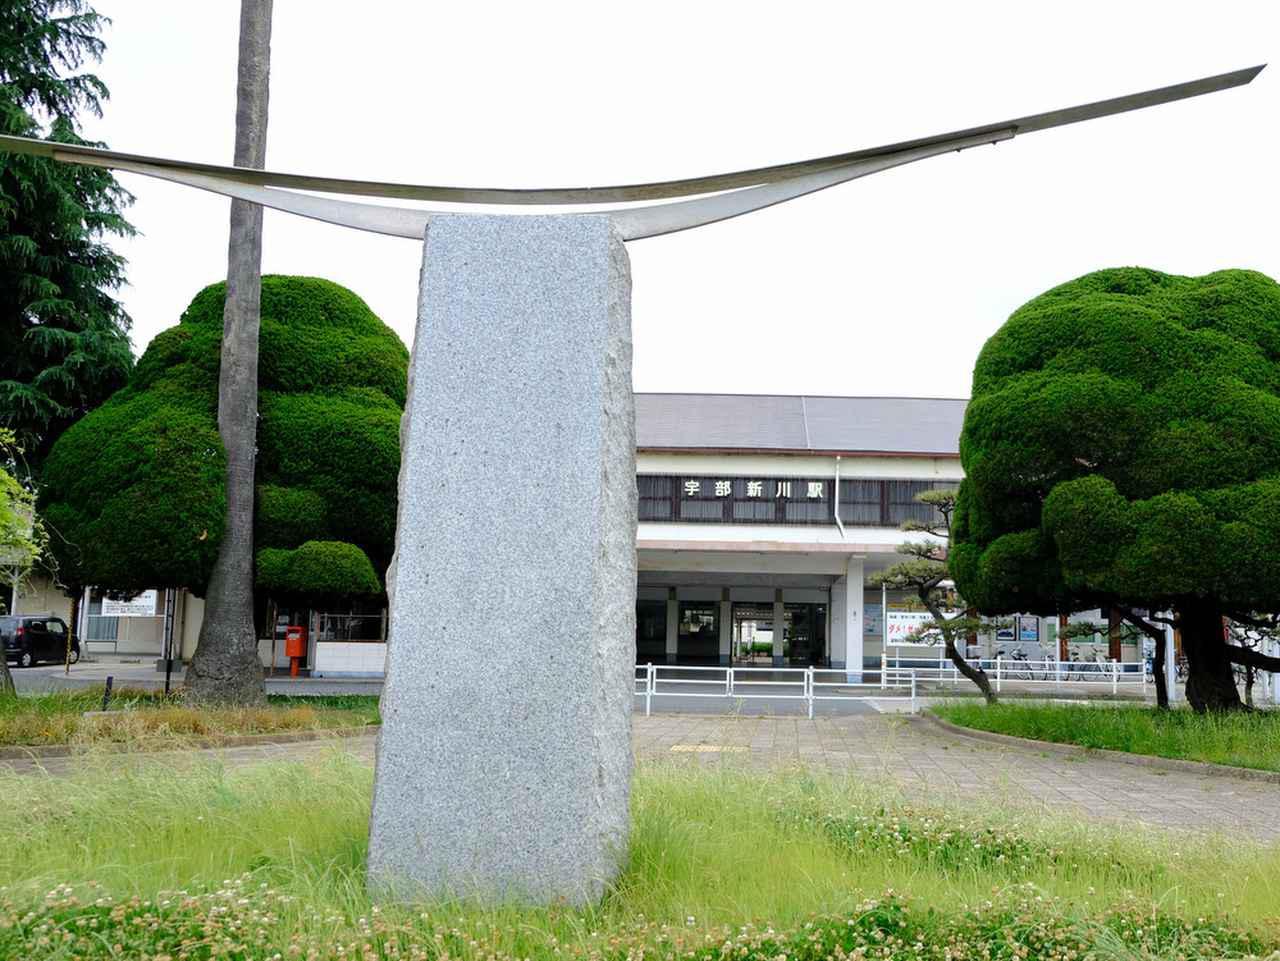 画像: 宇部市内には約200体もの野外彫刻があり、さながら街そのものが美術館のようです。こちらは宇部新川駅前のもの。